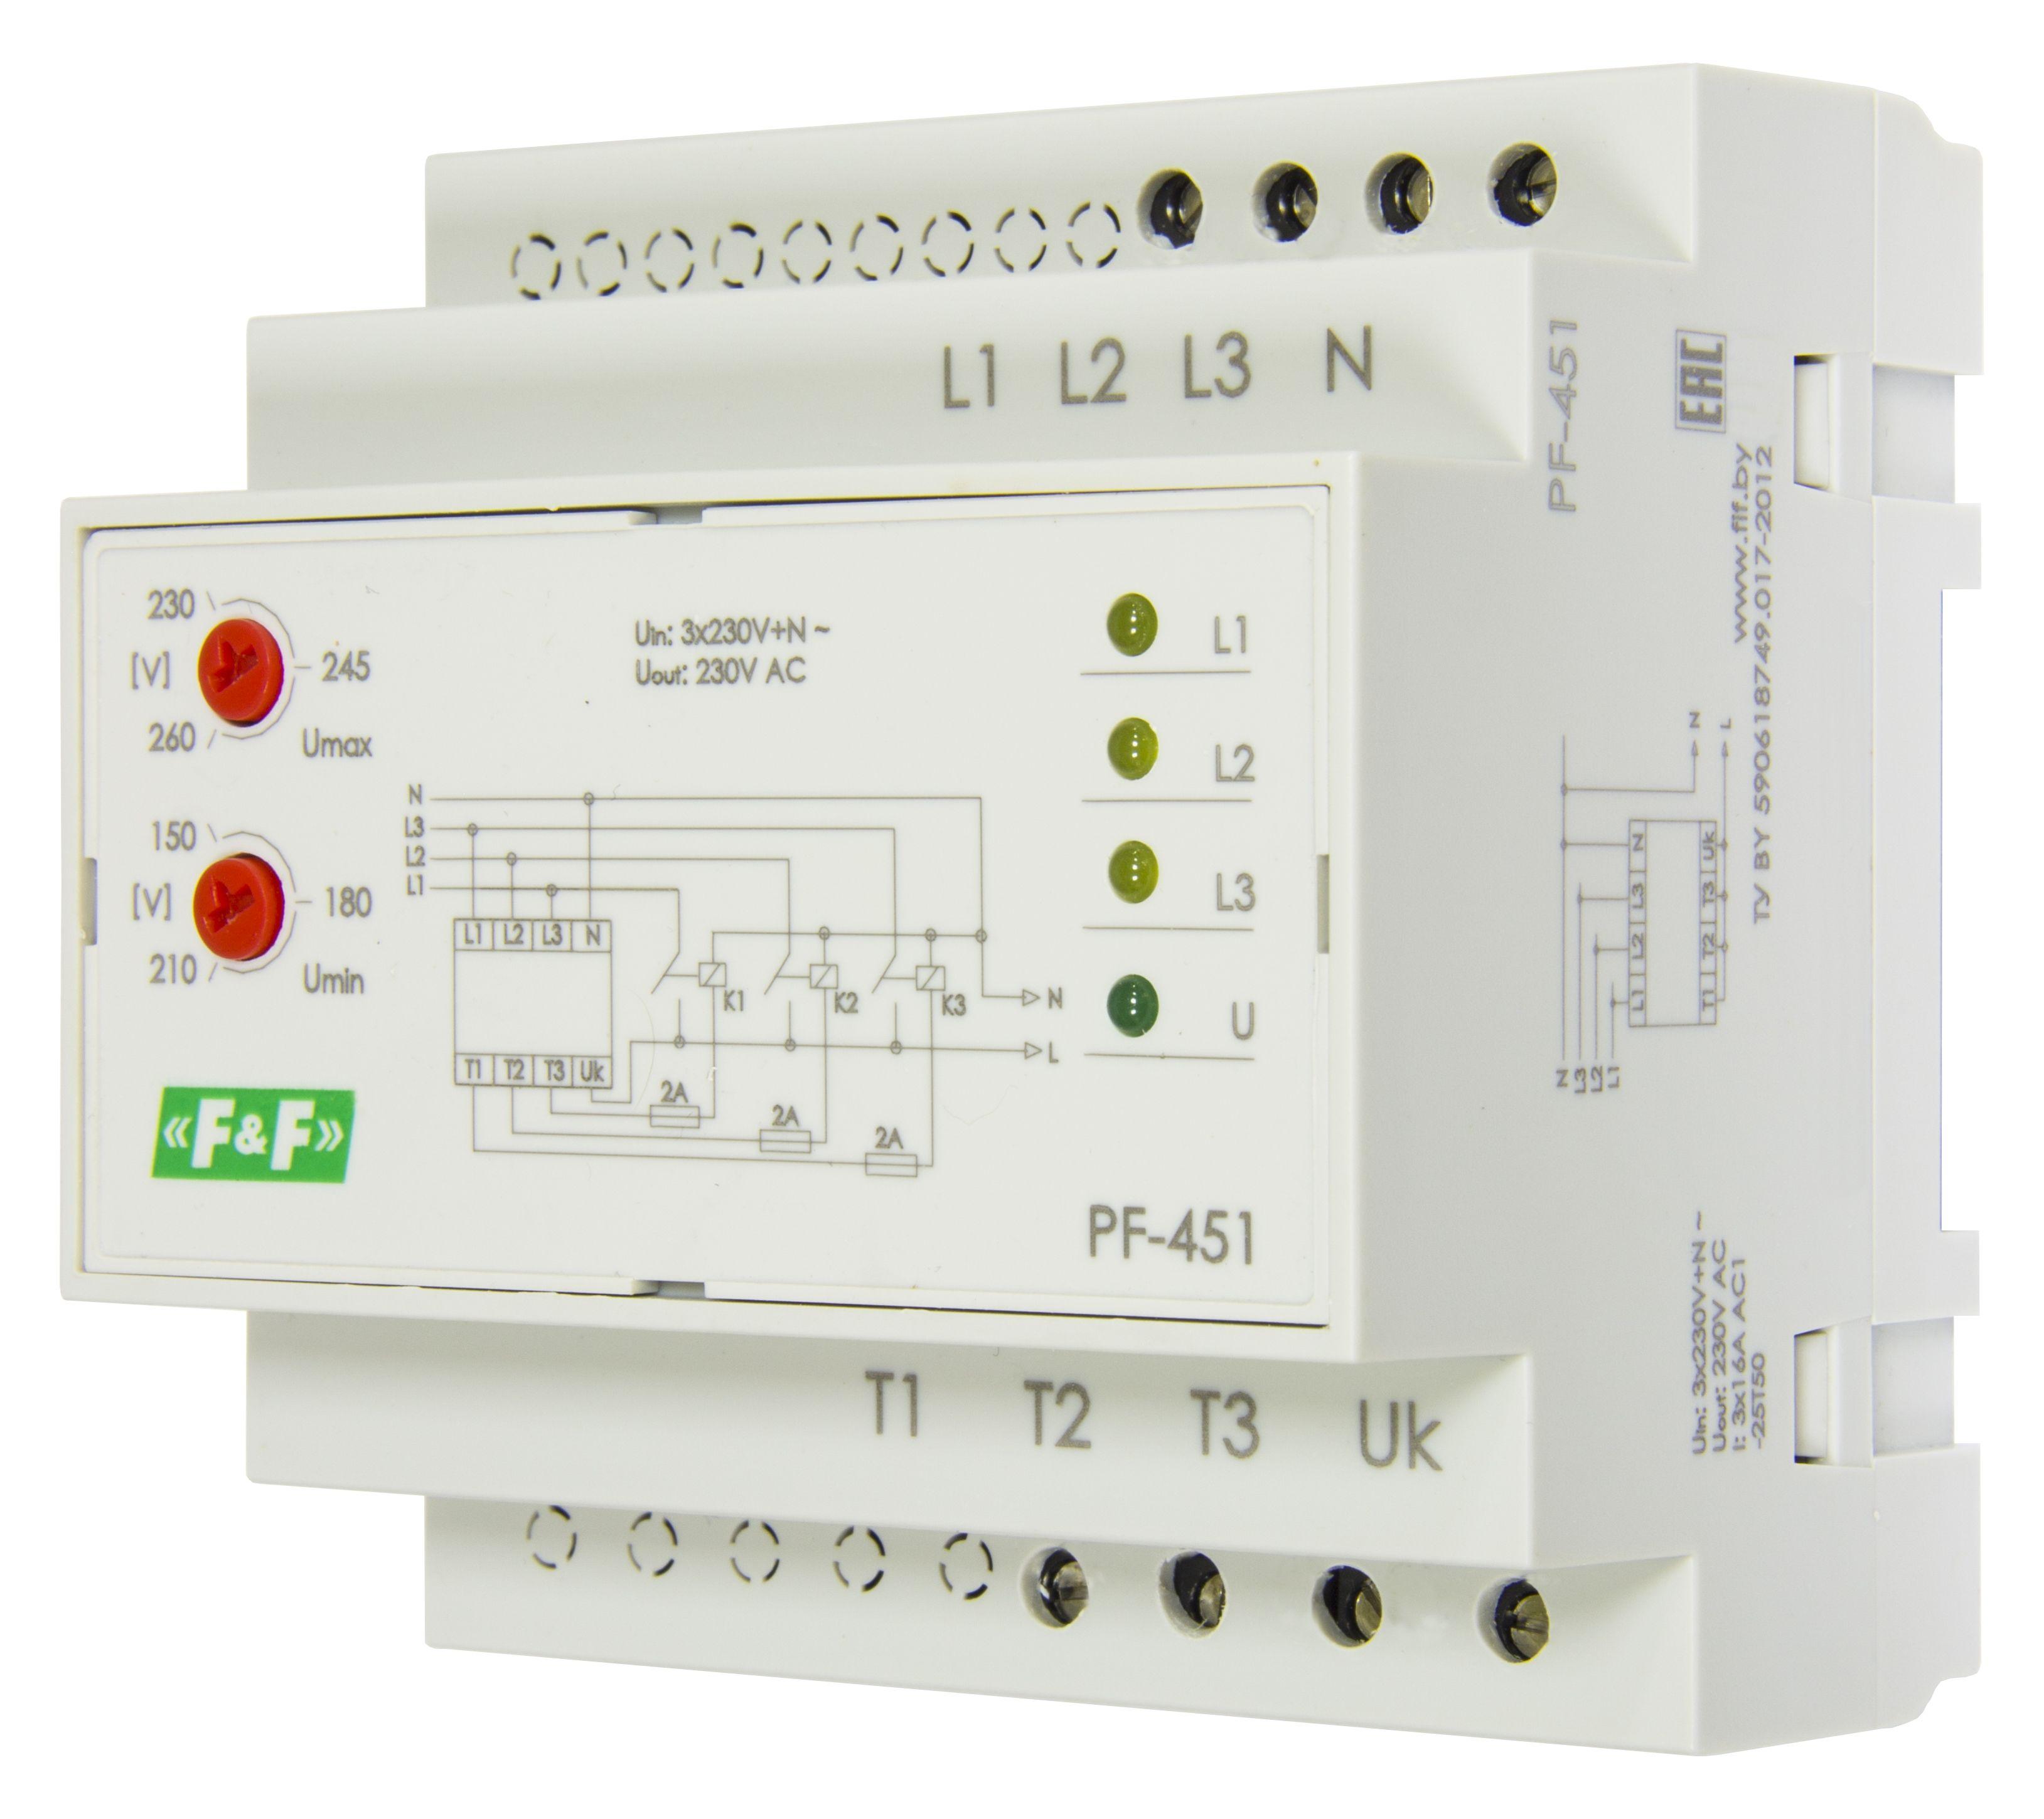 Купить Автоматический переключатель фаз PF-451 с вых. для контакторов, Евроавтоматика ФиФ